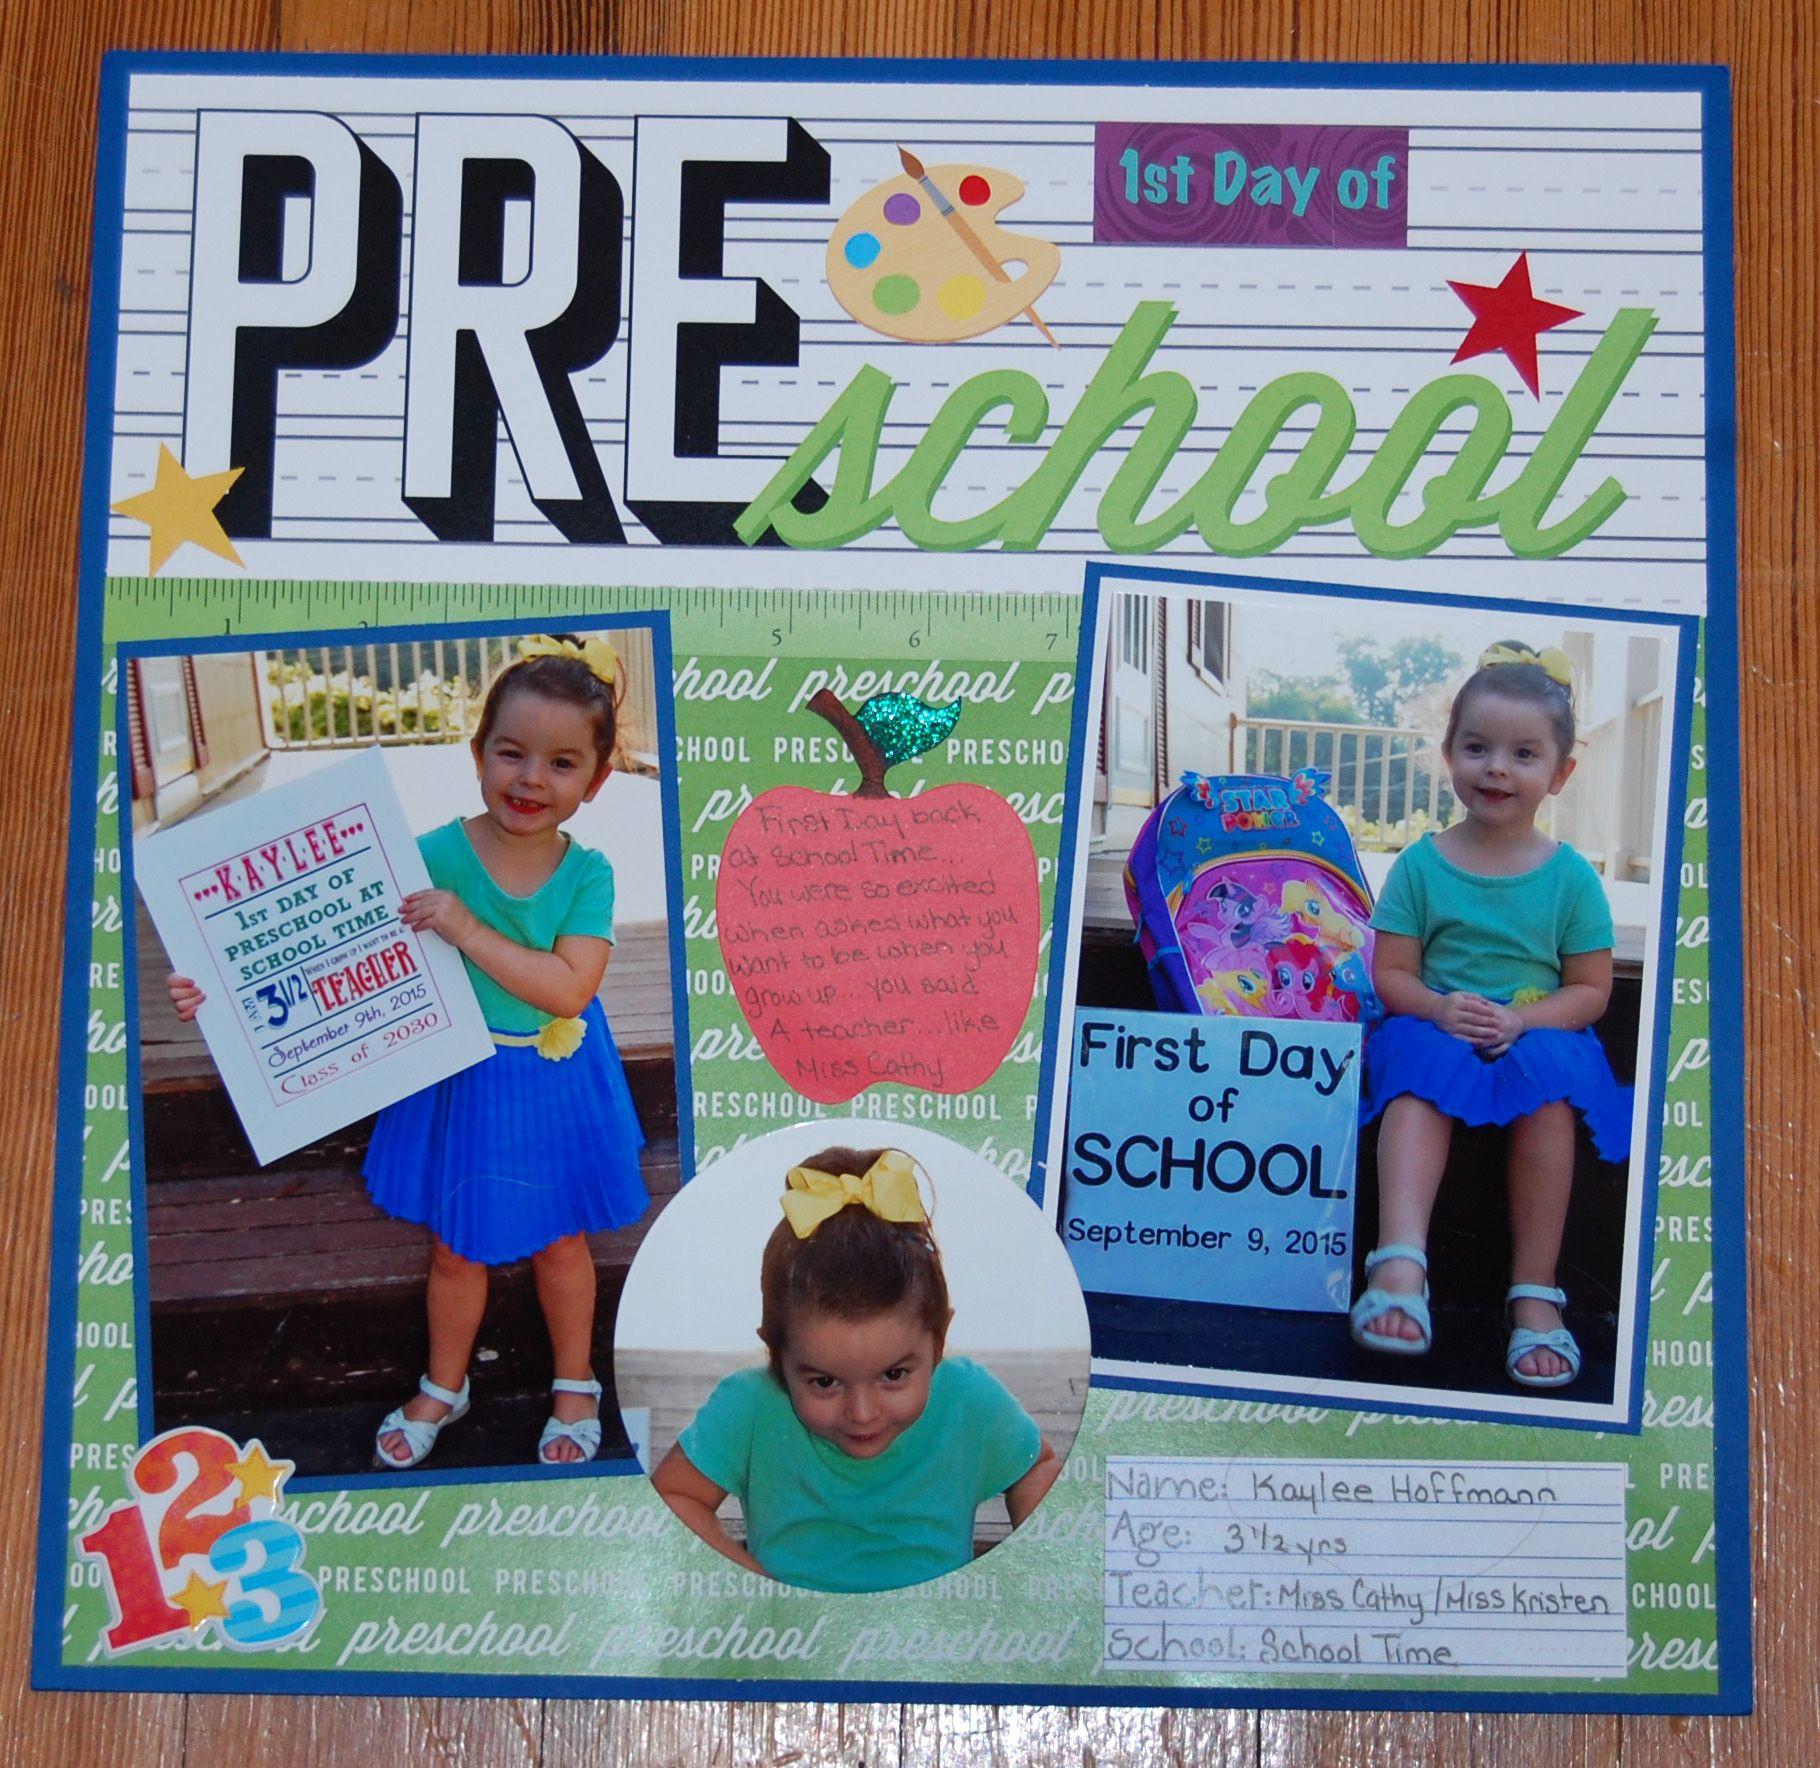 BACK TO SCHOOL Scrapbooking Scrapbook Creative Paper Piece Piecing Kids Child